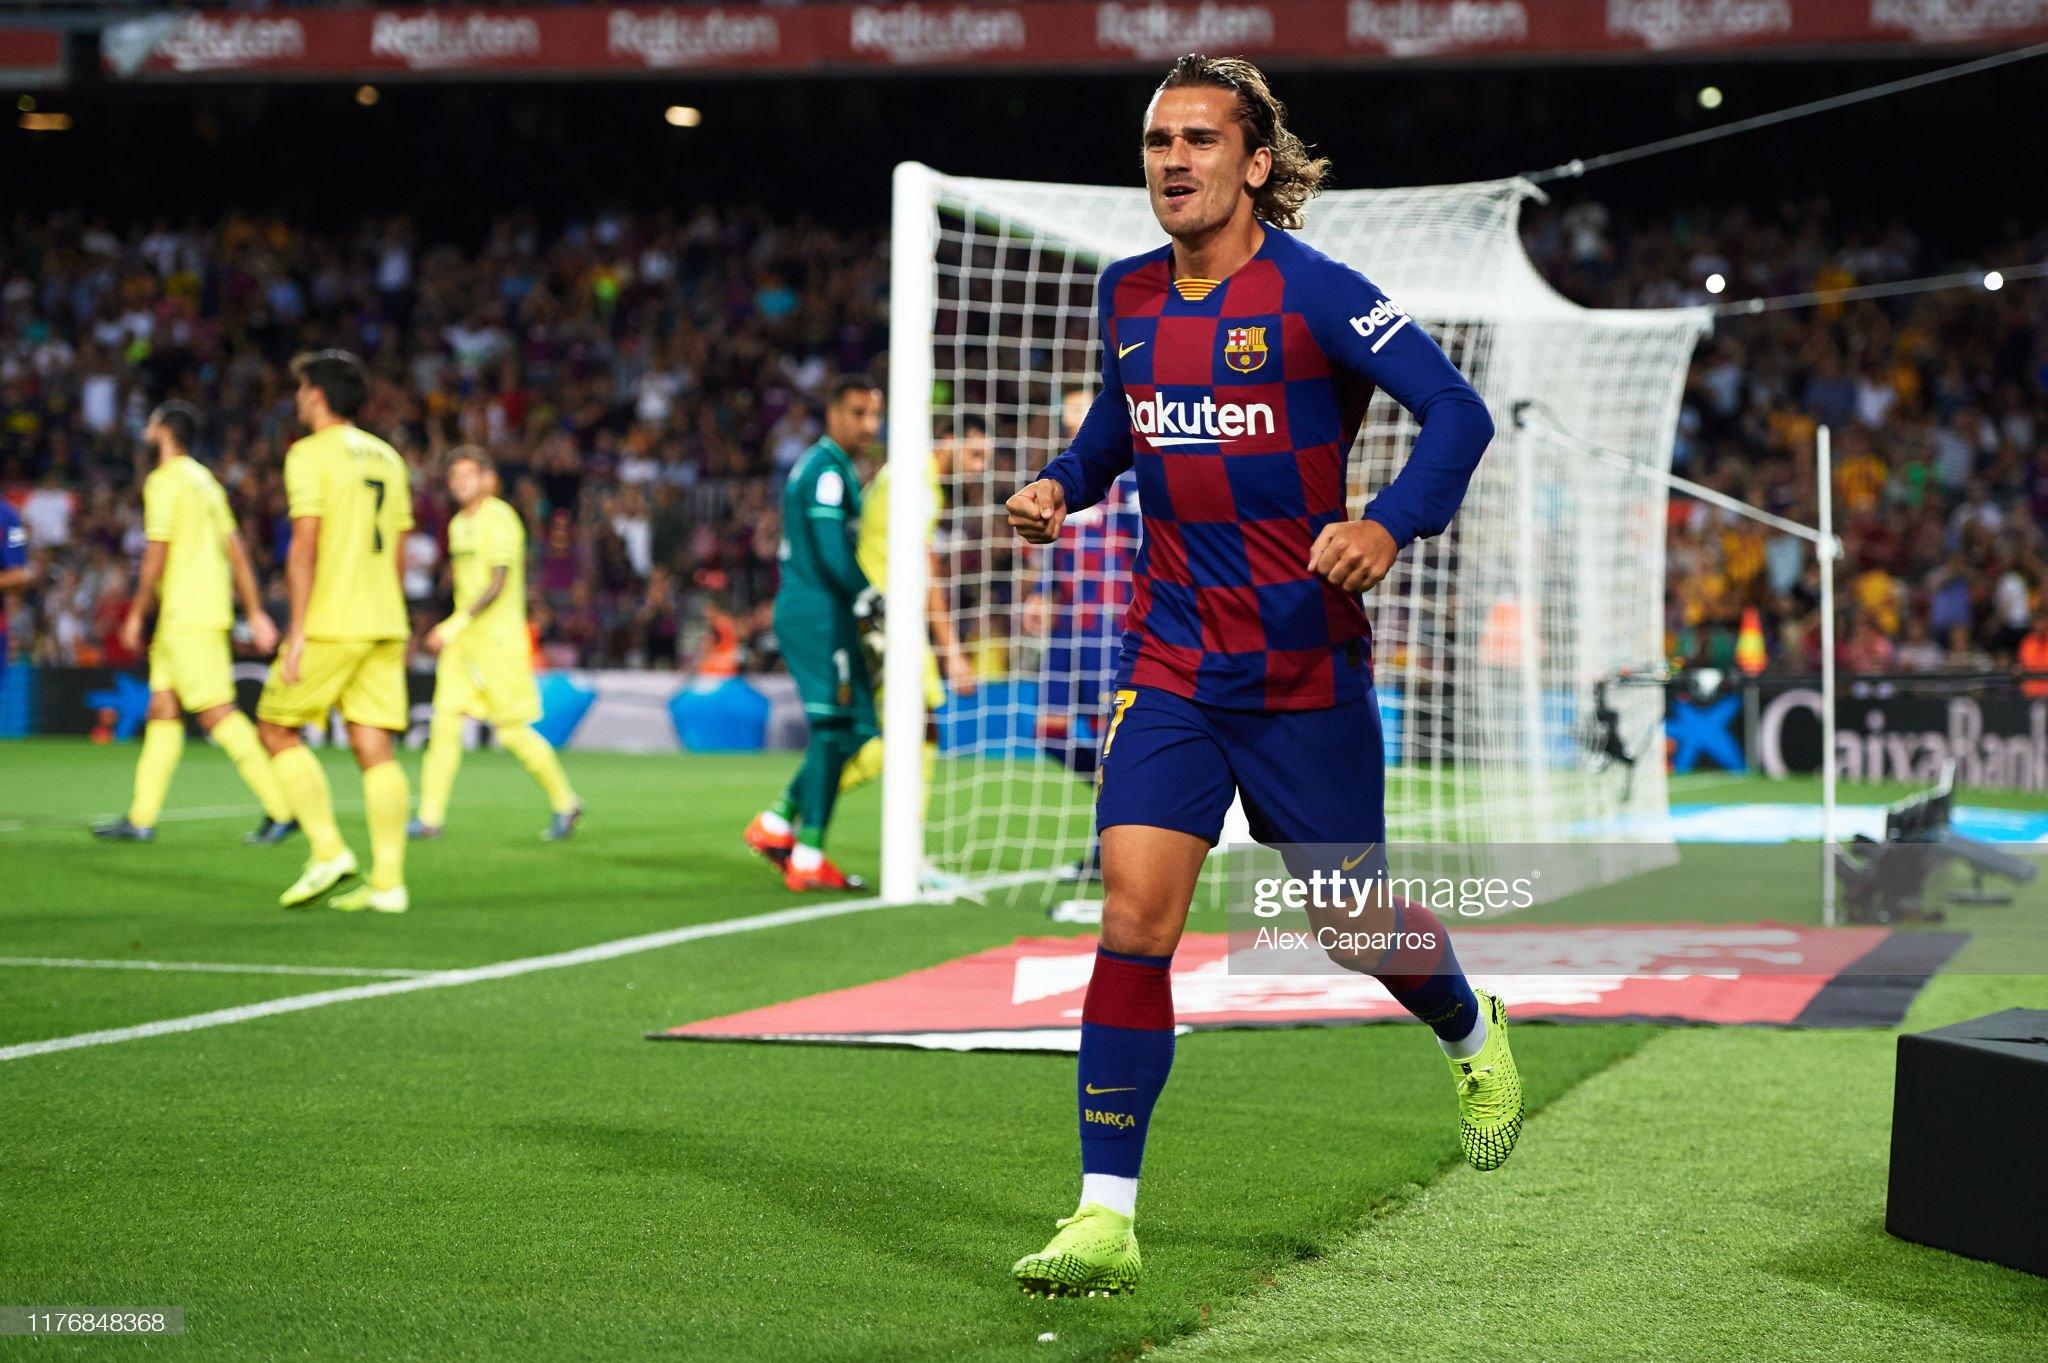 صور مباراة : برشلونة - فياريال 2-1 ( 24-09-2019 )  Antoine-griezmann-of-fc-barcelona-celebrates-scoring-the-opening-goal-picture-id1176848368?s=2048x2048